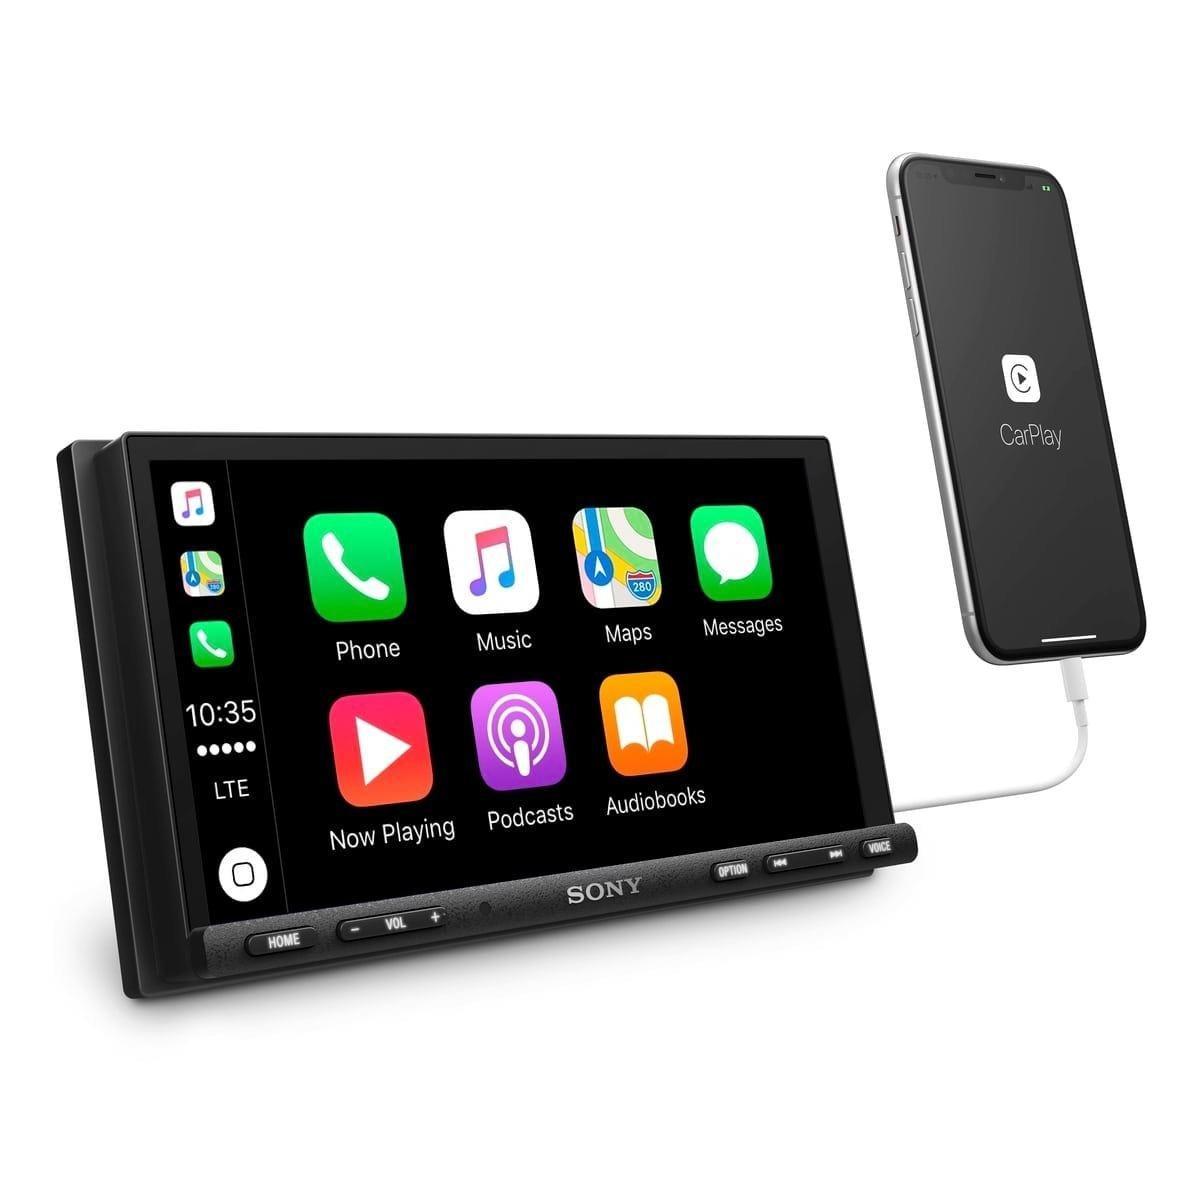 SONY XAV-AX7000 High Power Media Receiver プラグアンドプレイバンドル、METRA 95-HDIFインナーフェアリング付き 1999y~2013y対応